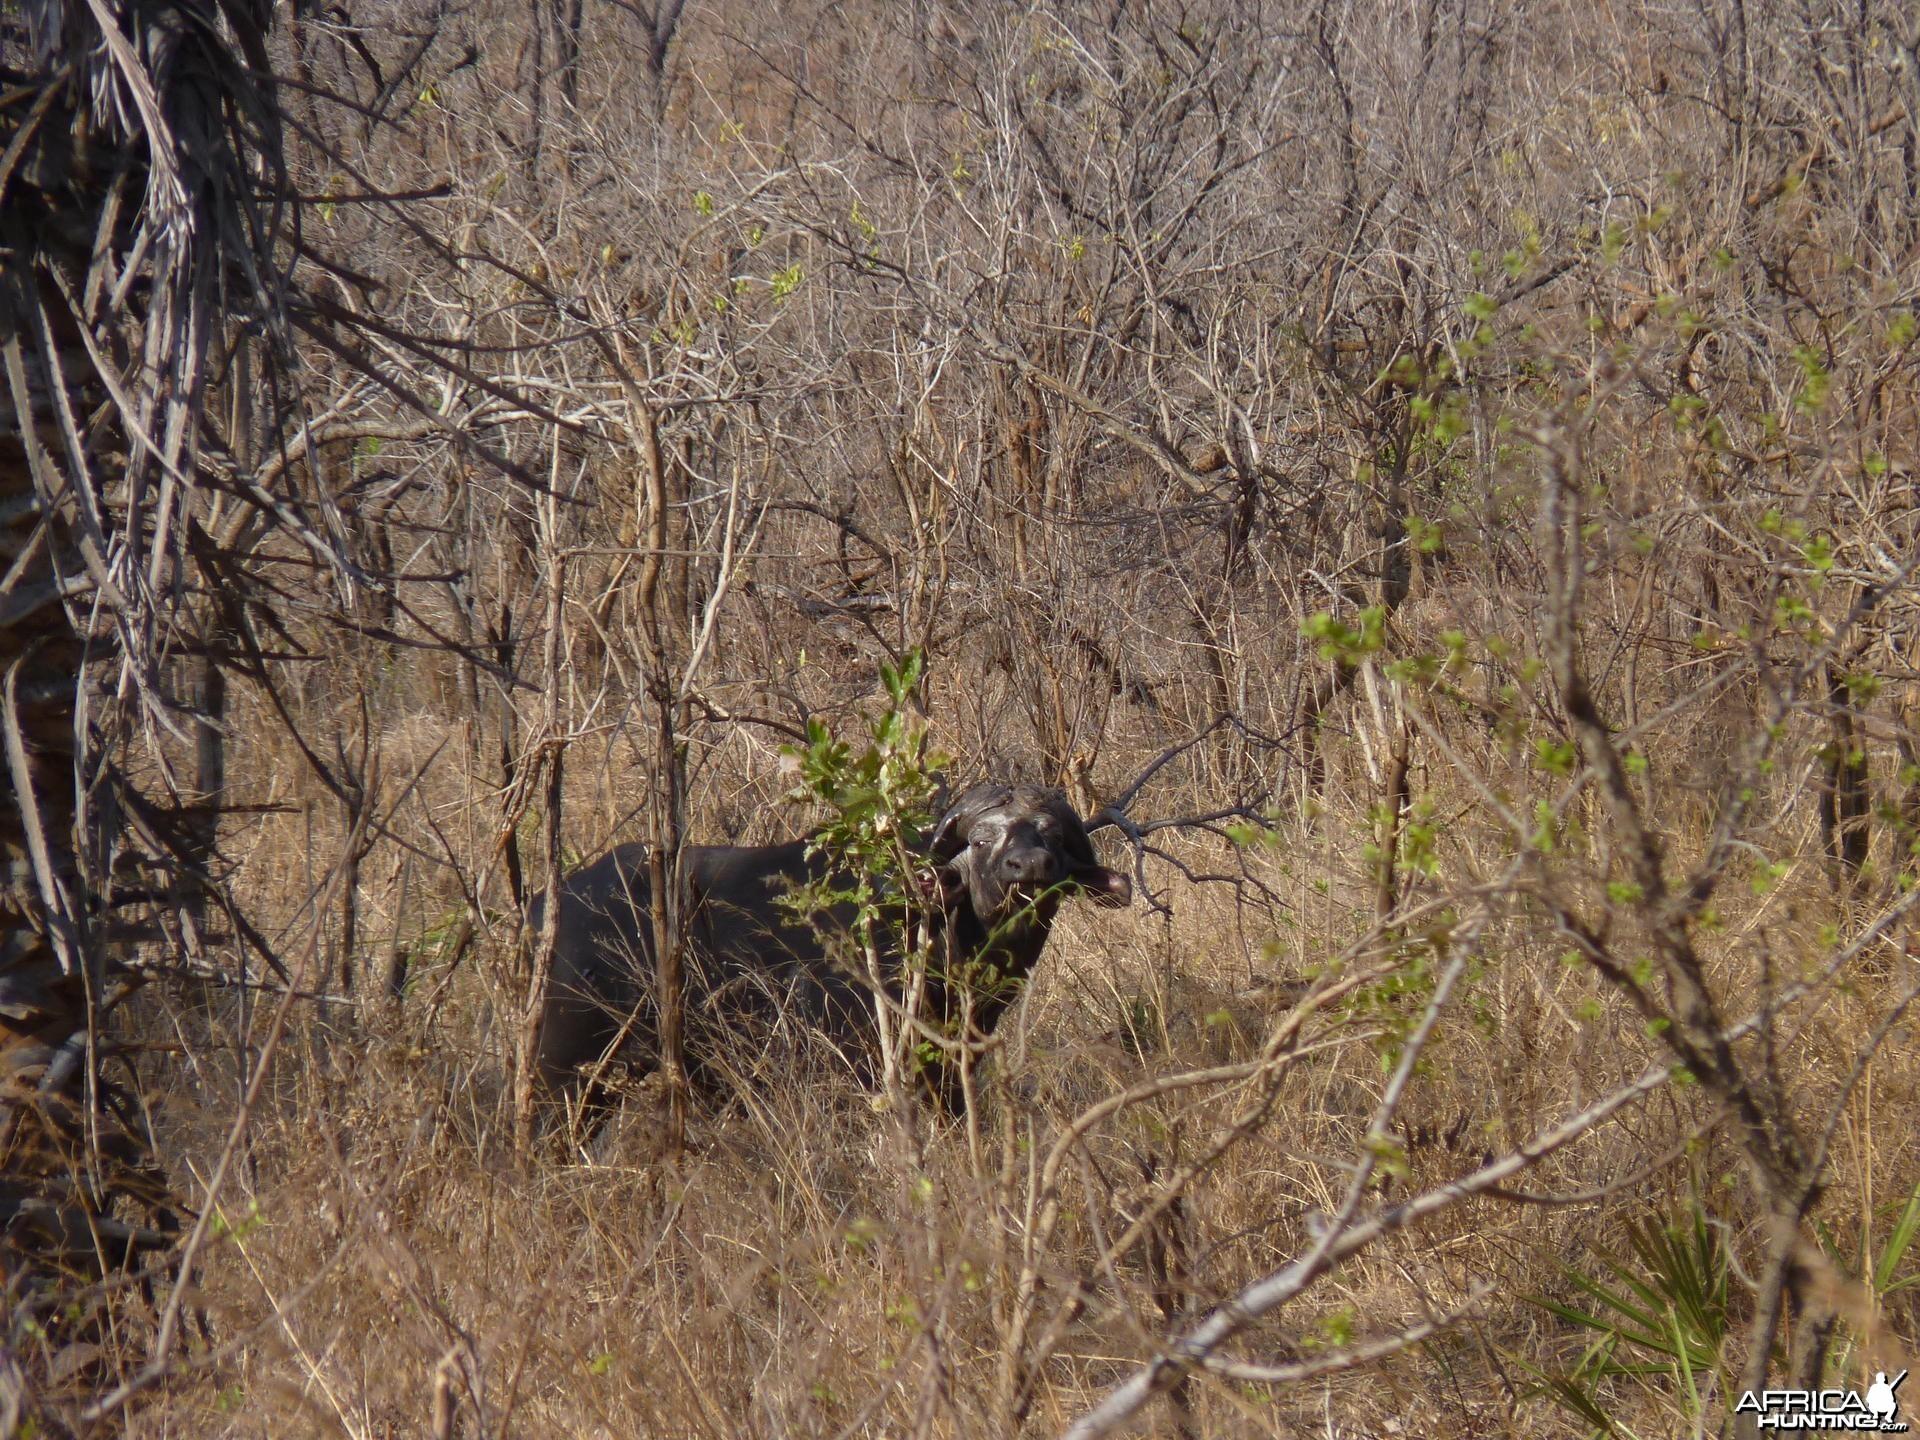 Old bull in Tanzania